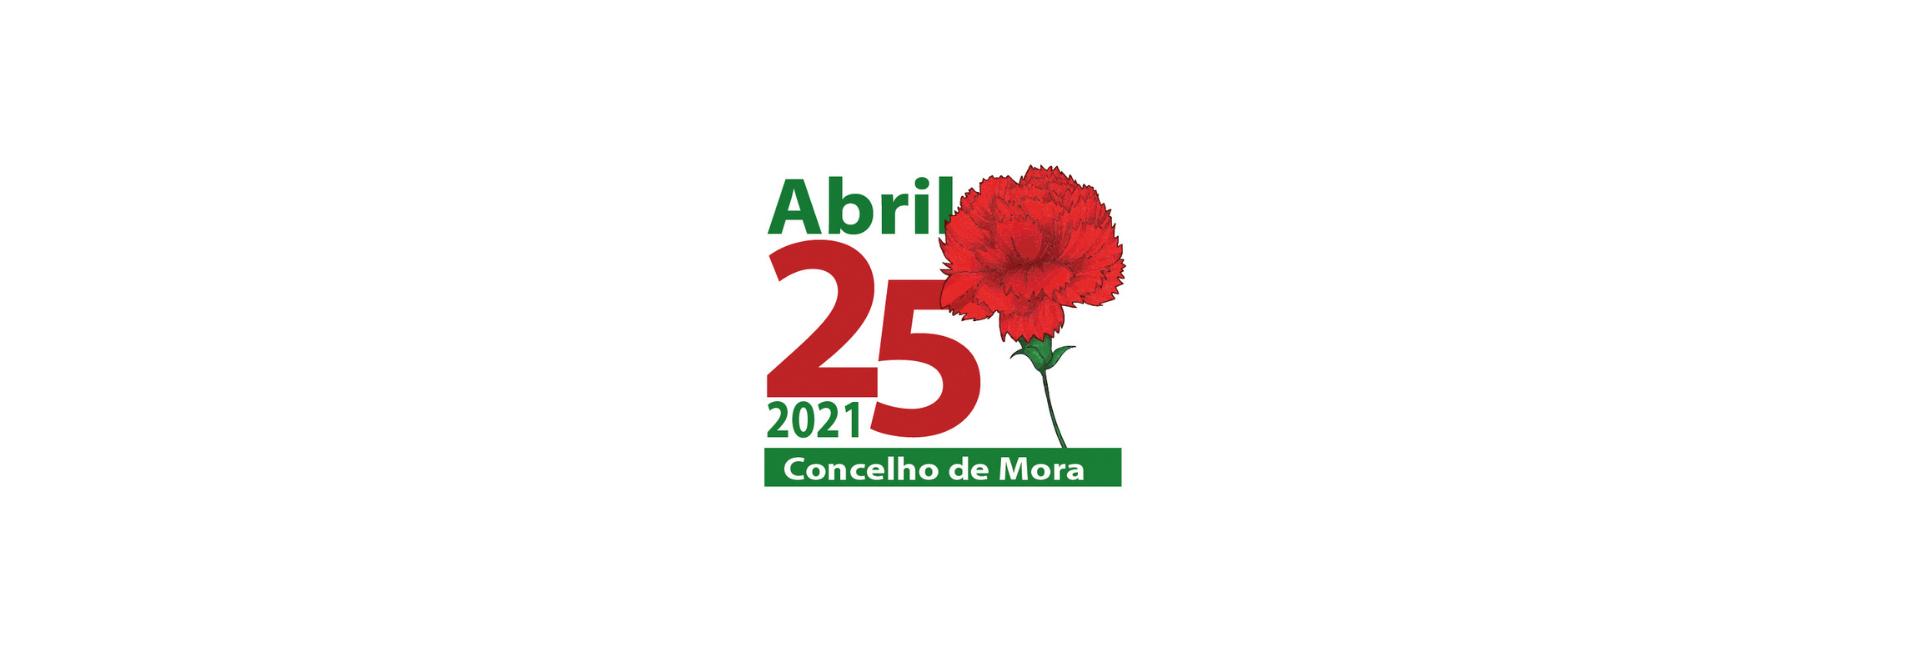 Comemorações 25 de Abril 2021